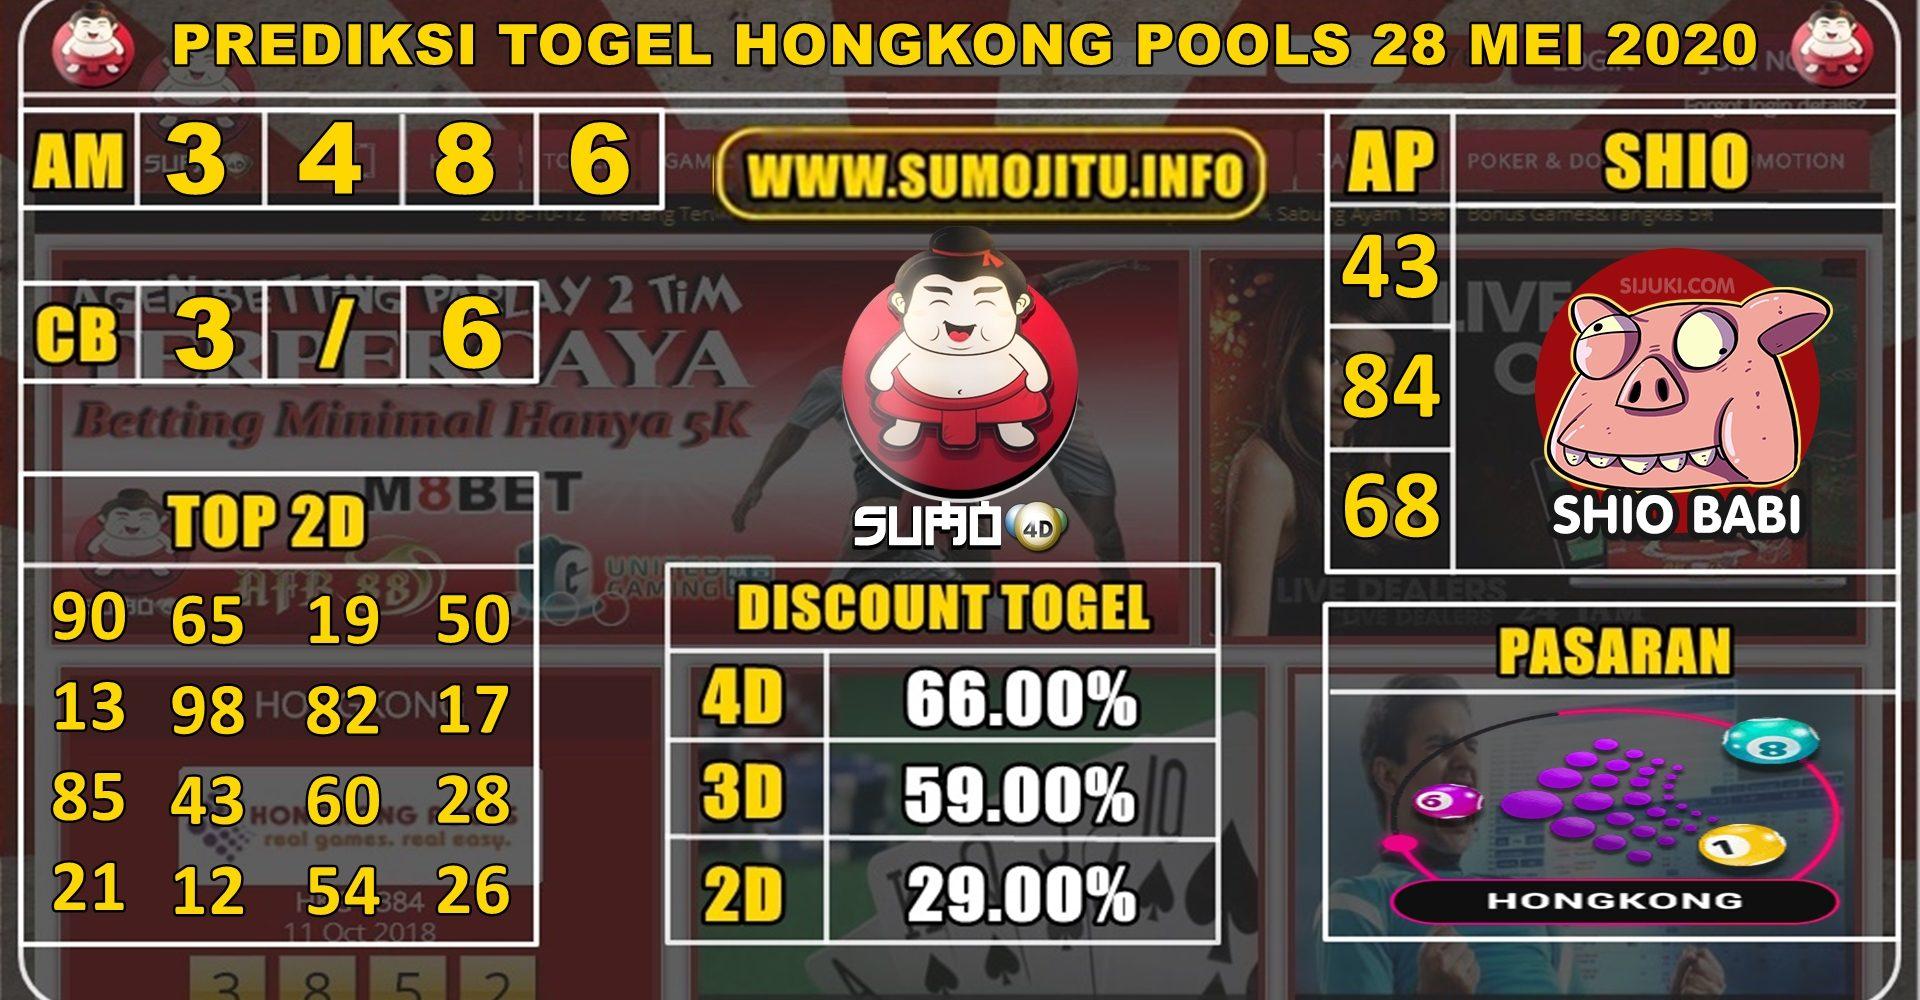 PREDIKSI TOGEL HONGKONG POOLS 28 MEI 2020